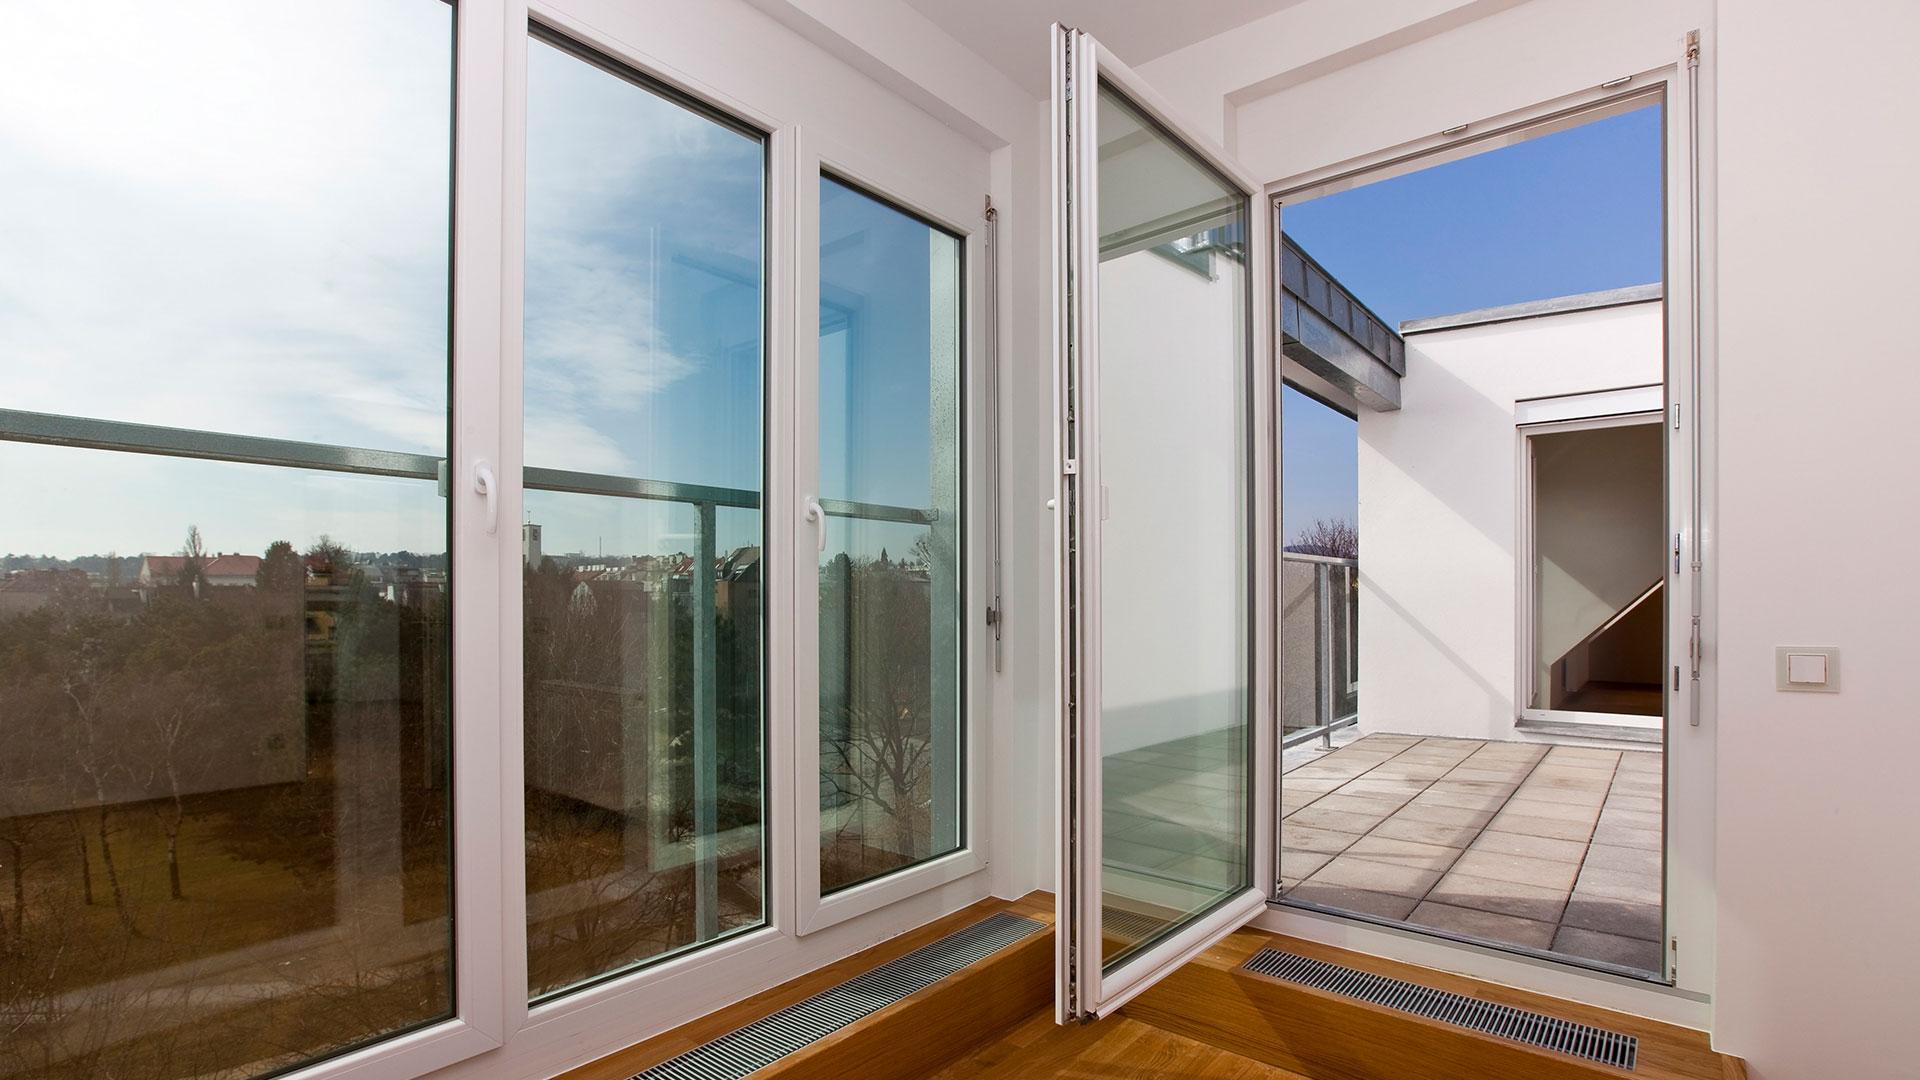 Trouver Un Artisan Menuisier choisir une fenêtre : le point sur les prix, guide technique